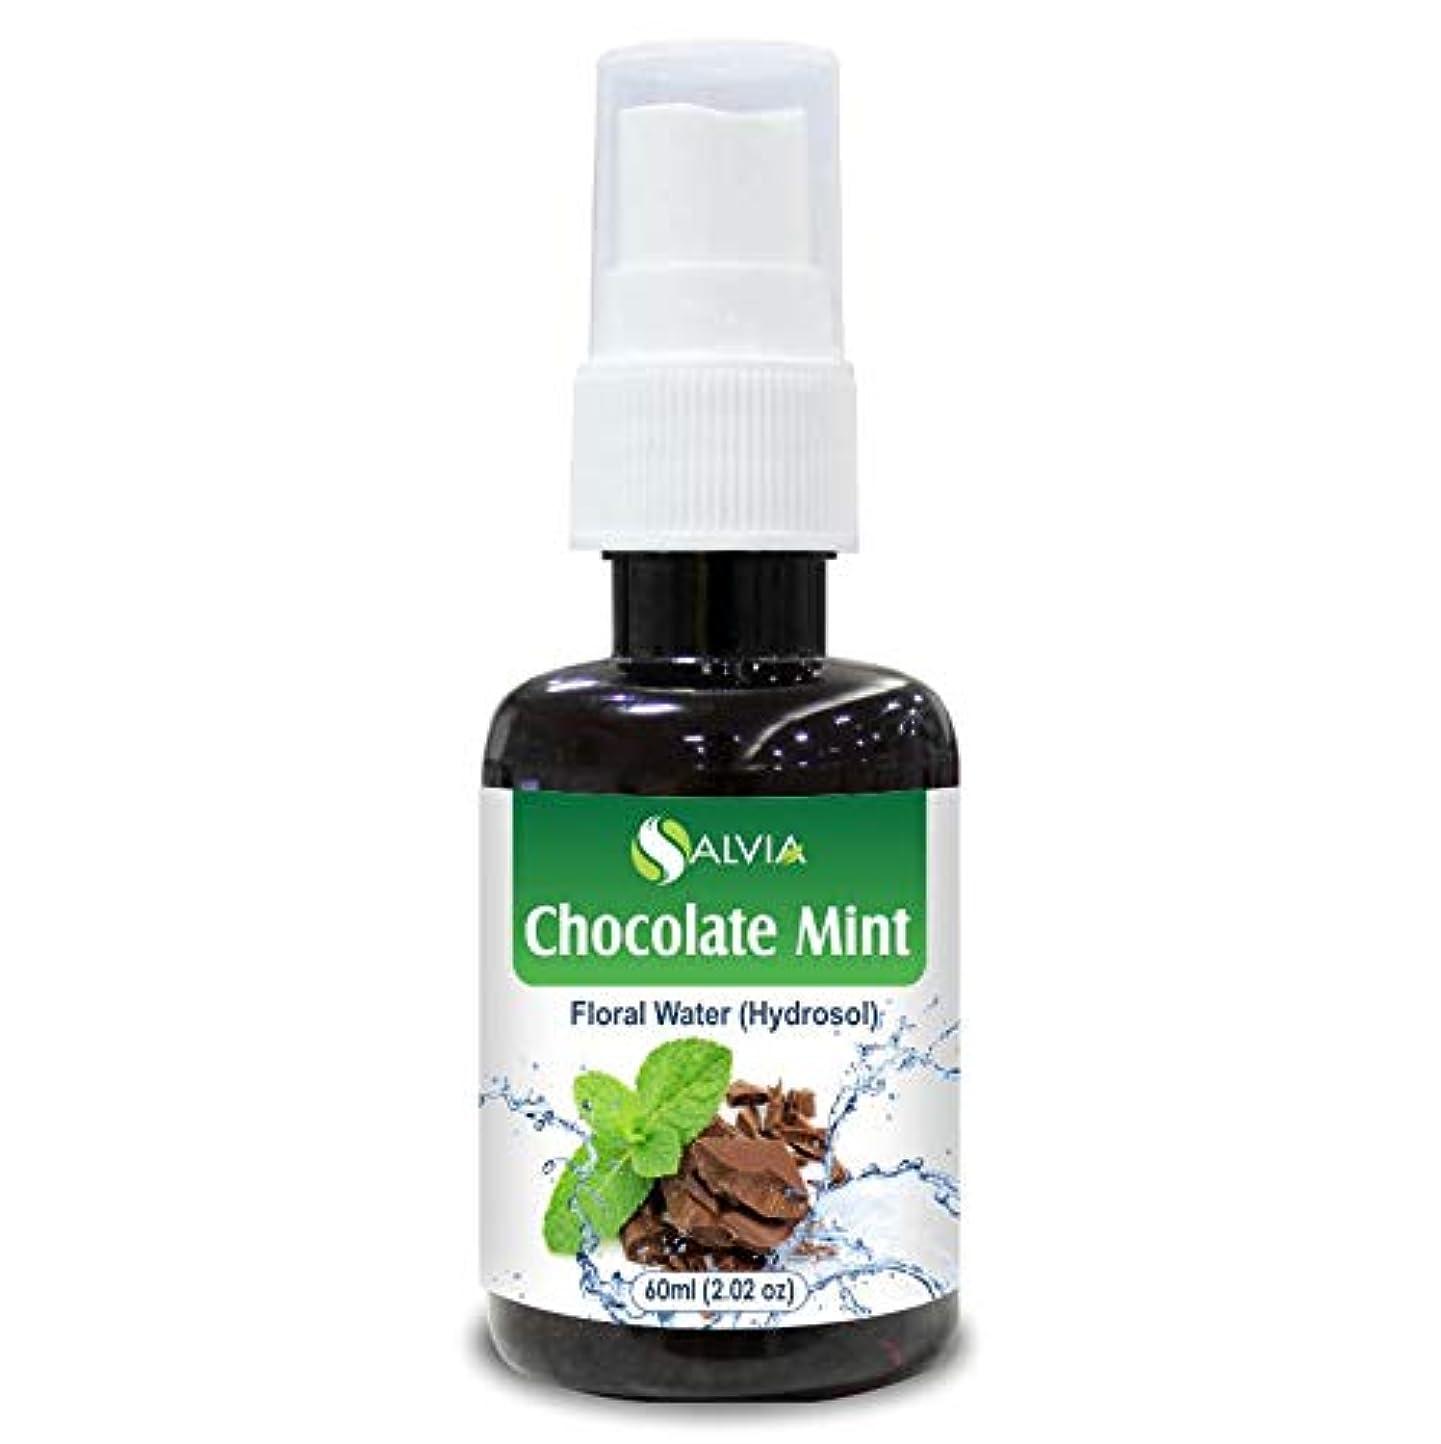 最適円周制限Chocolate Mint Floral Water 60ml (Hydrosol) 100% Pure And Natural